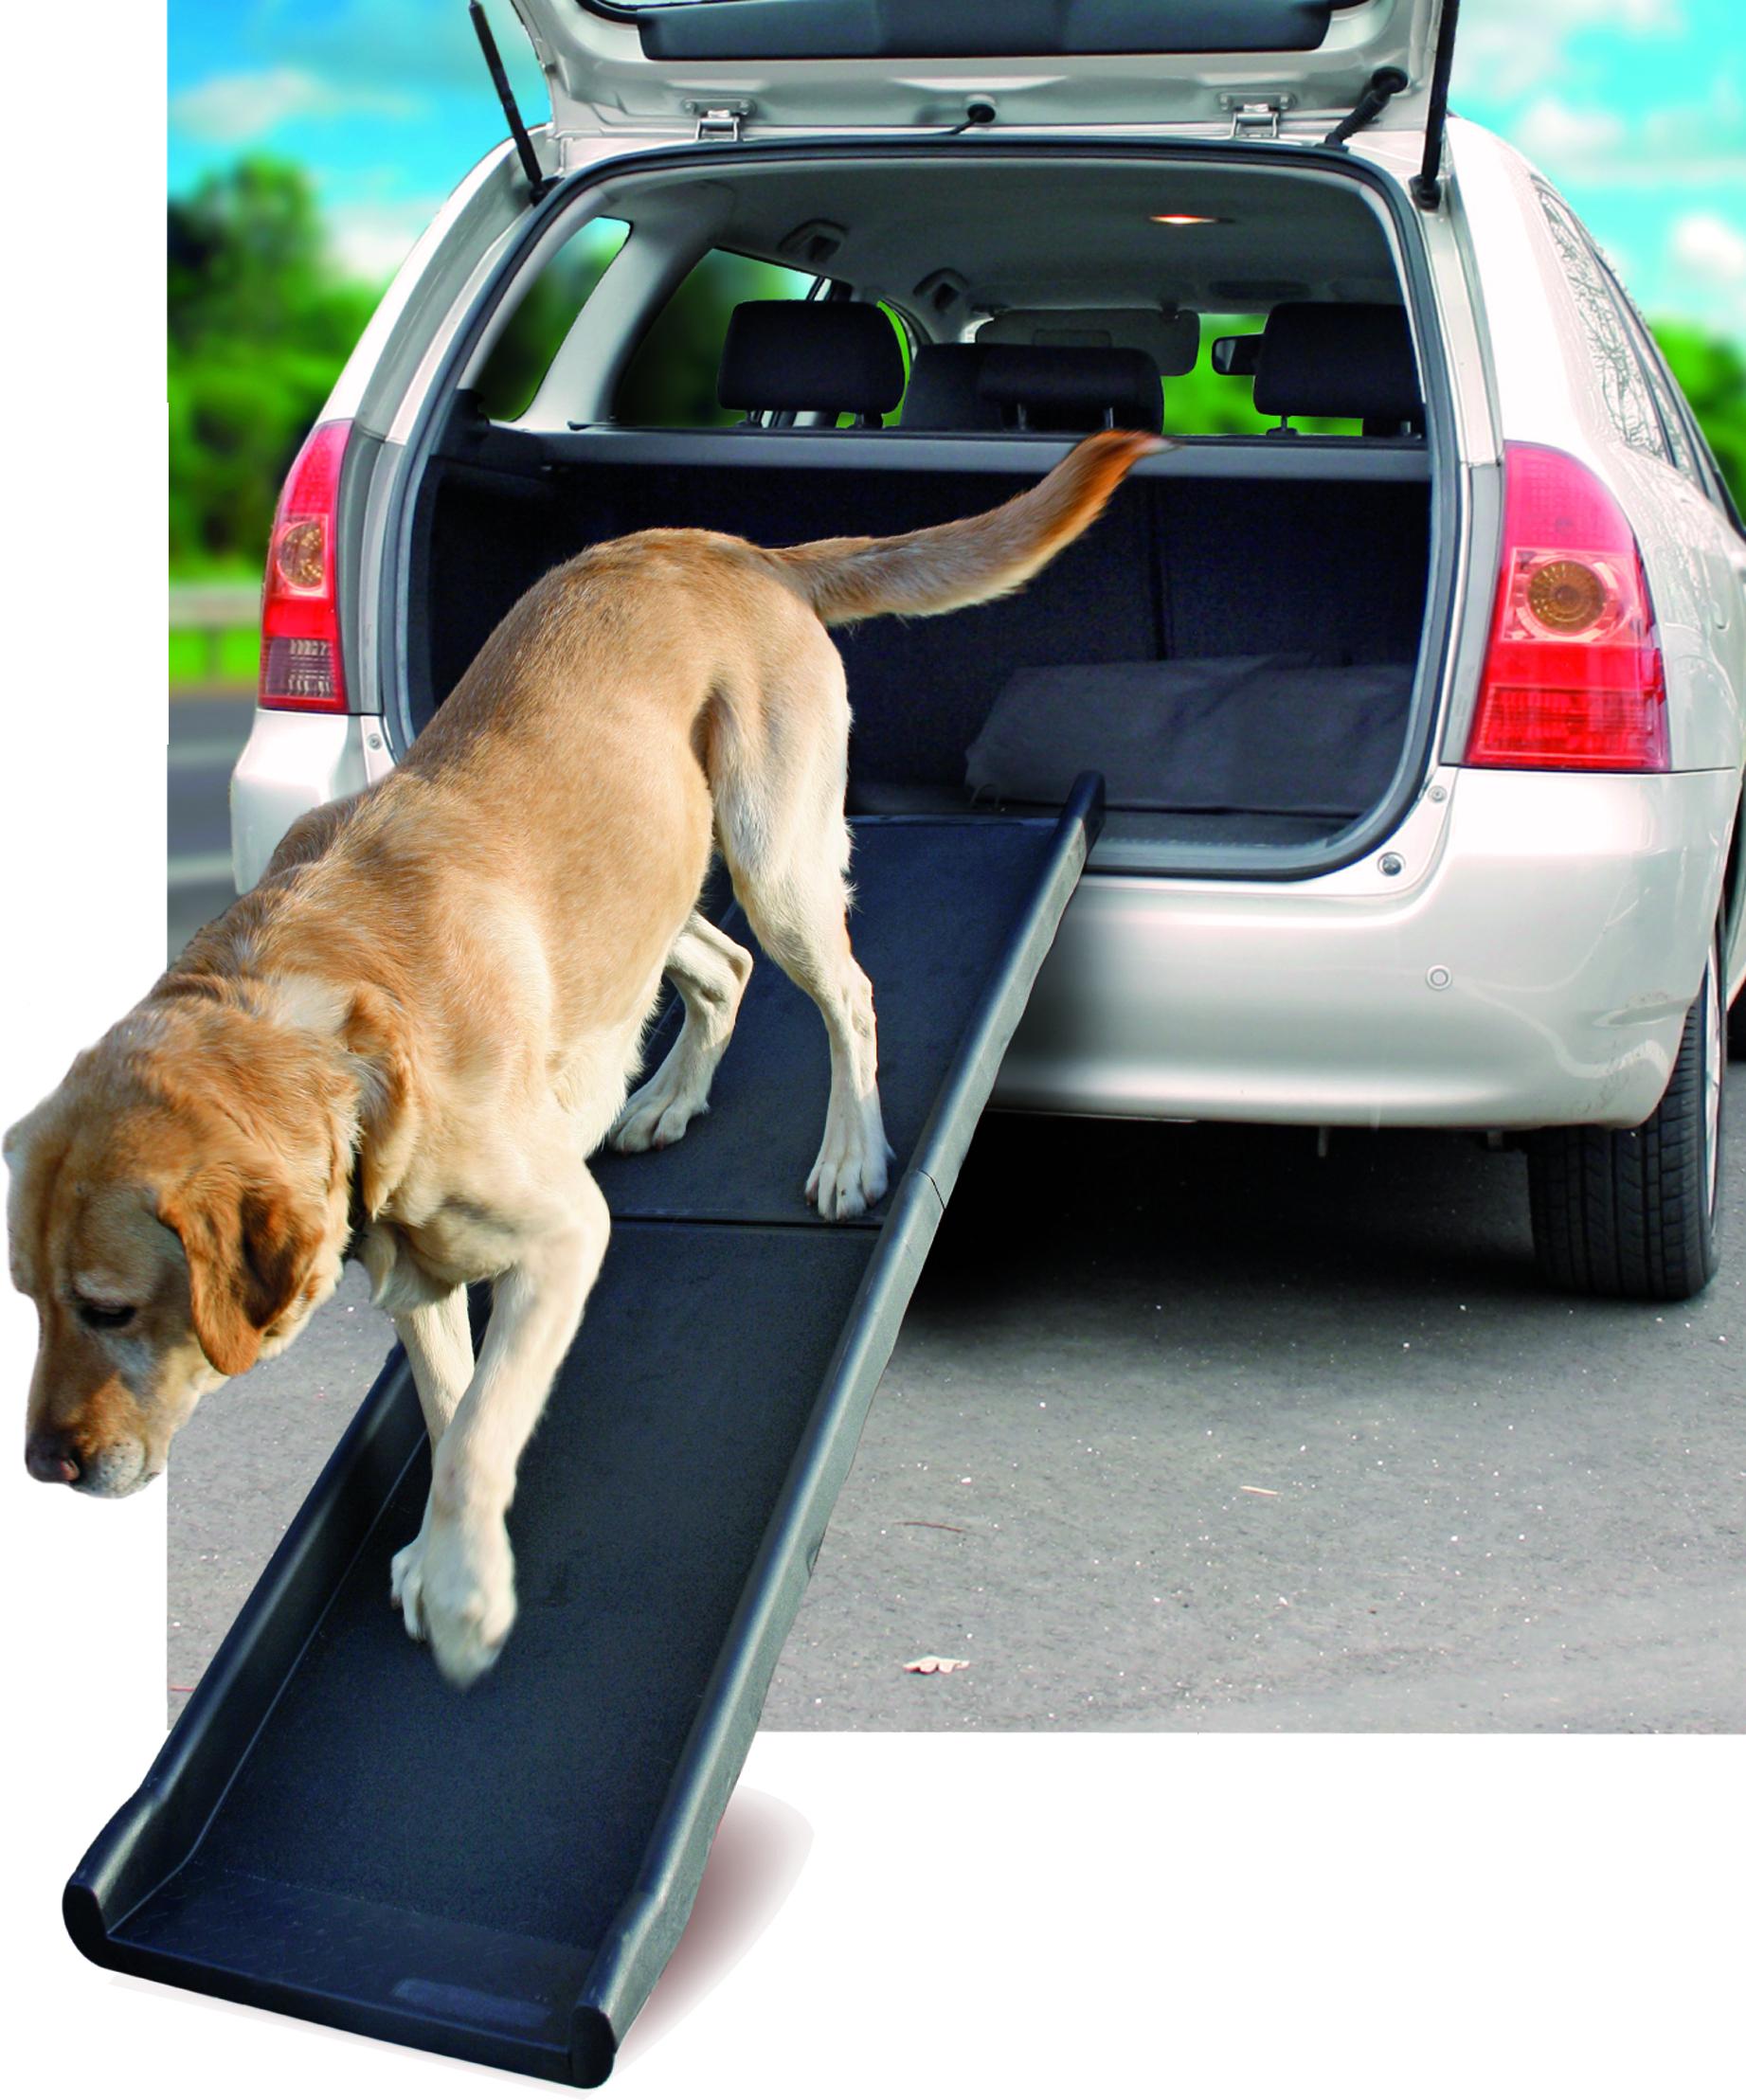 Ramp till bilen för hund